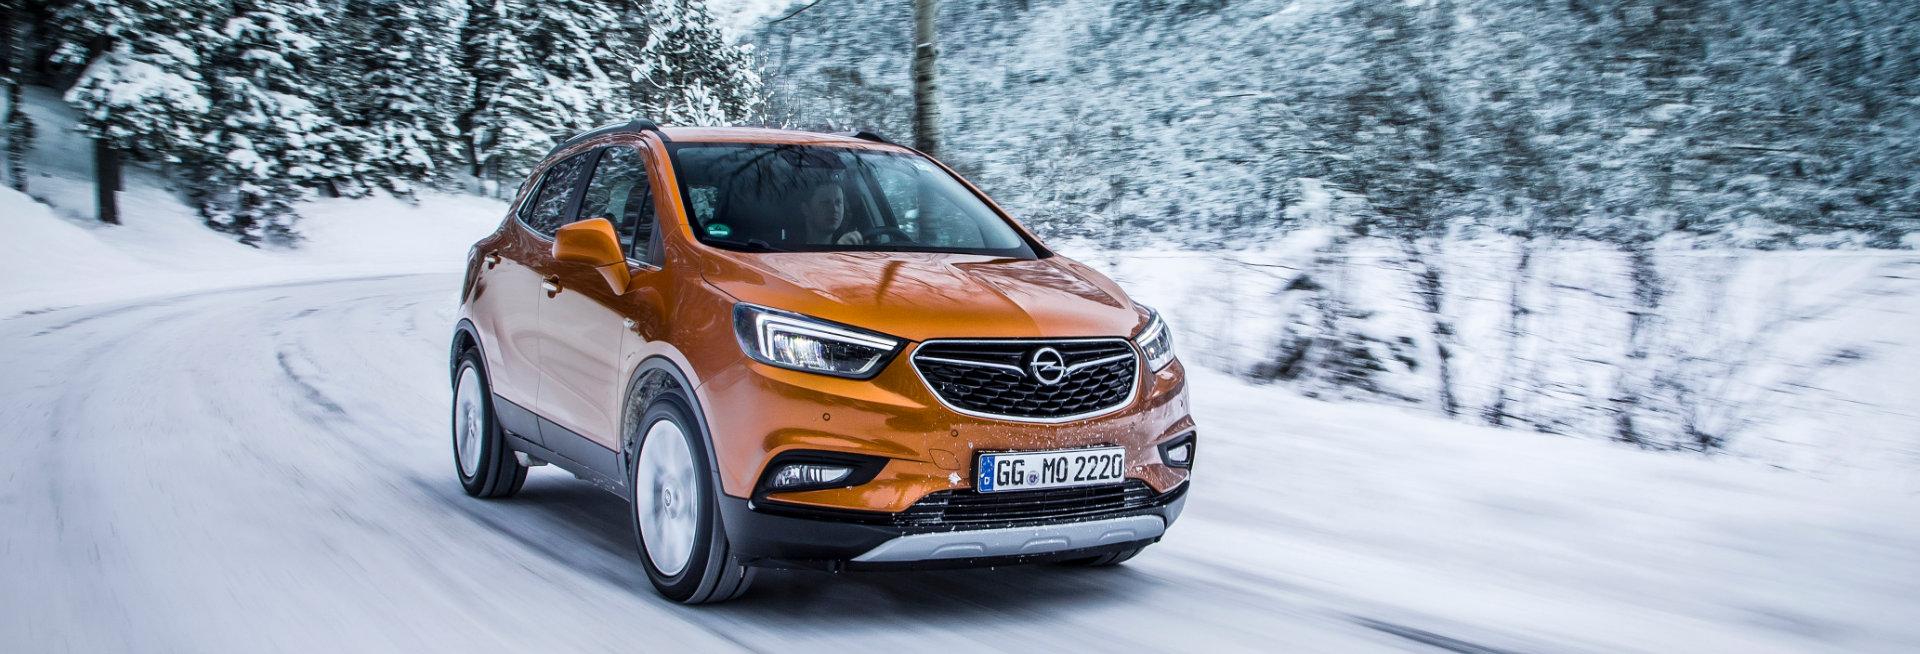 Sneeuwkettingen voor de Opel Mokka X